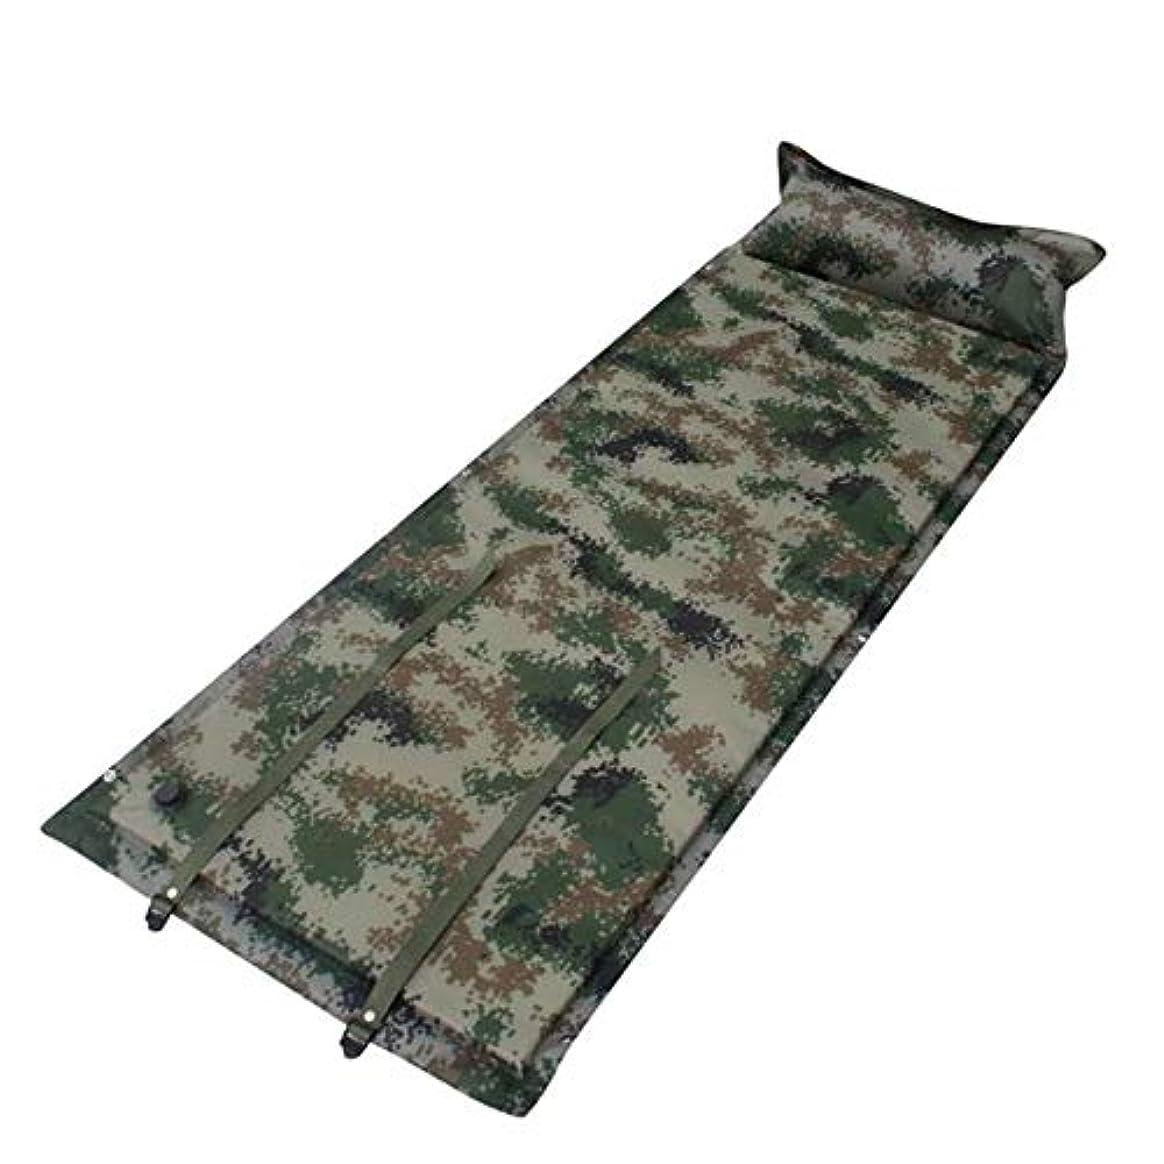 やさしくアウトドアに対して枕付き2人コンパクト屋外の膨脹可能な泡の睡眠のマットの空気マットレスの防水接続の組合せの折り畳み式の自己膨張のキャンプの睡眠のパッド (色 : 2PCS, サイズ : 72.8*25.59*1.57inches)